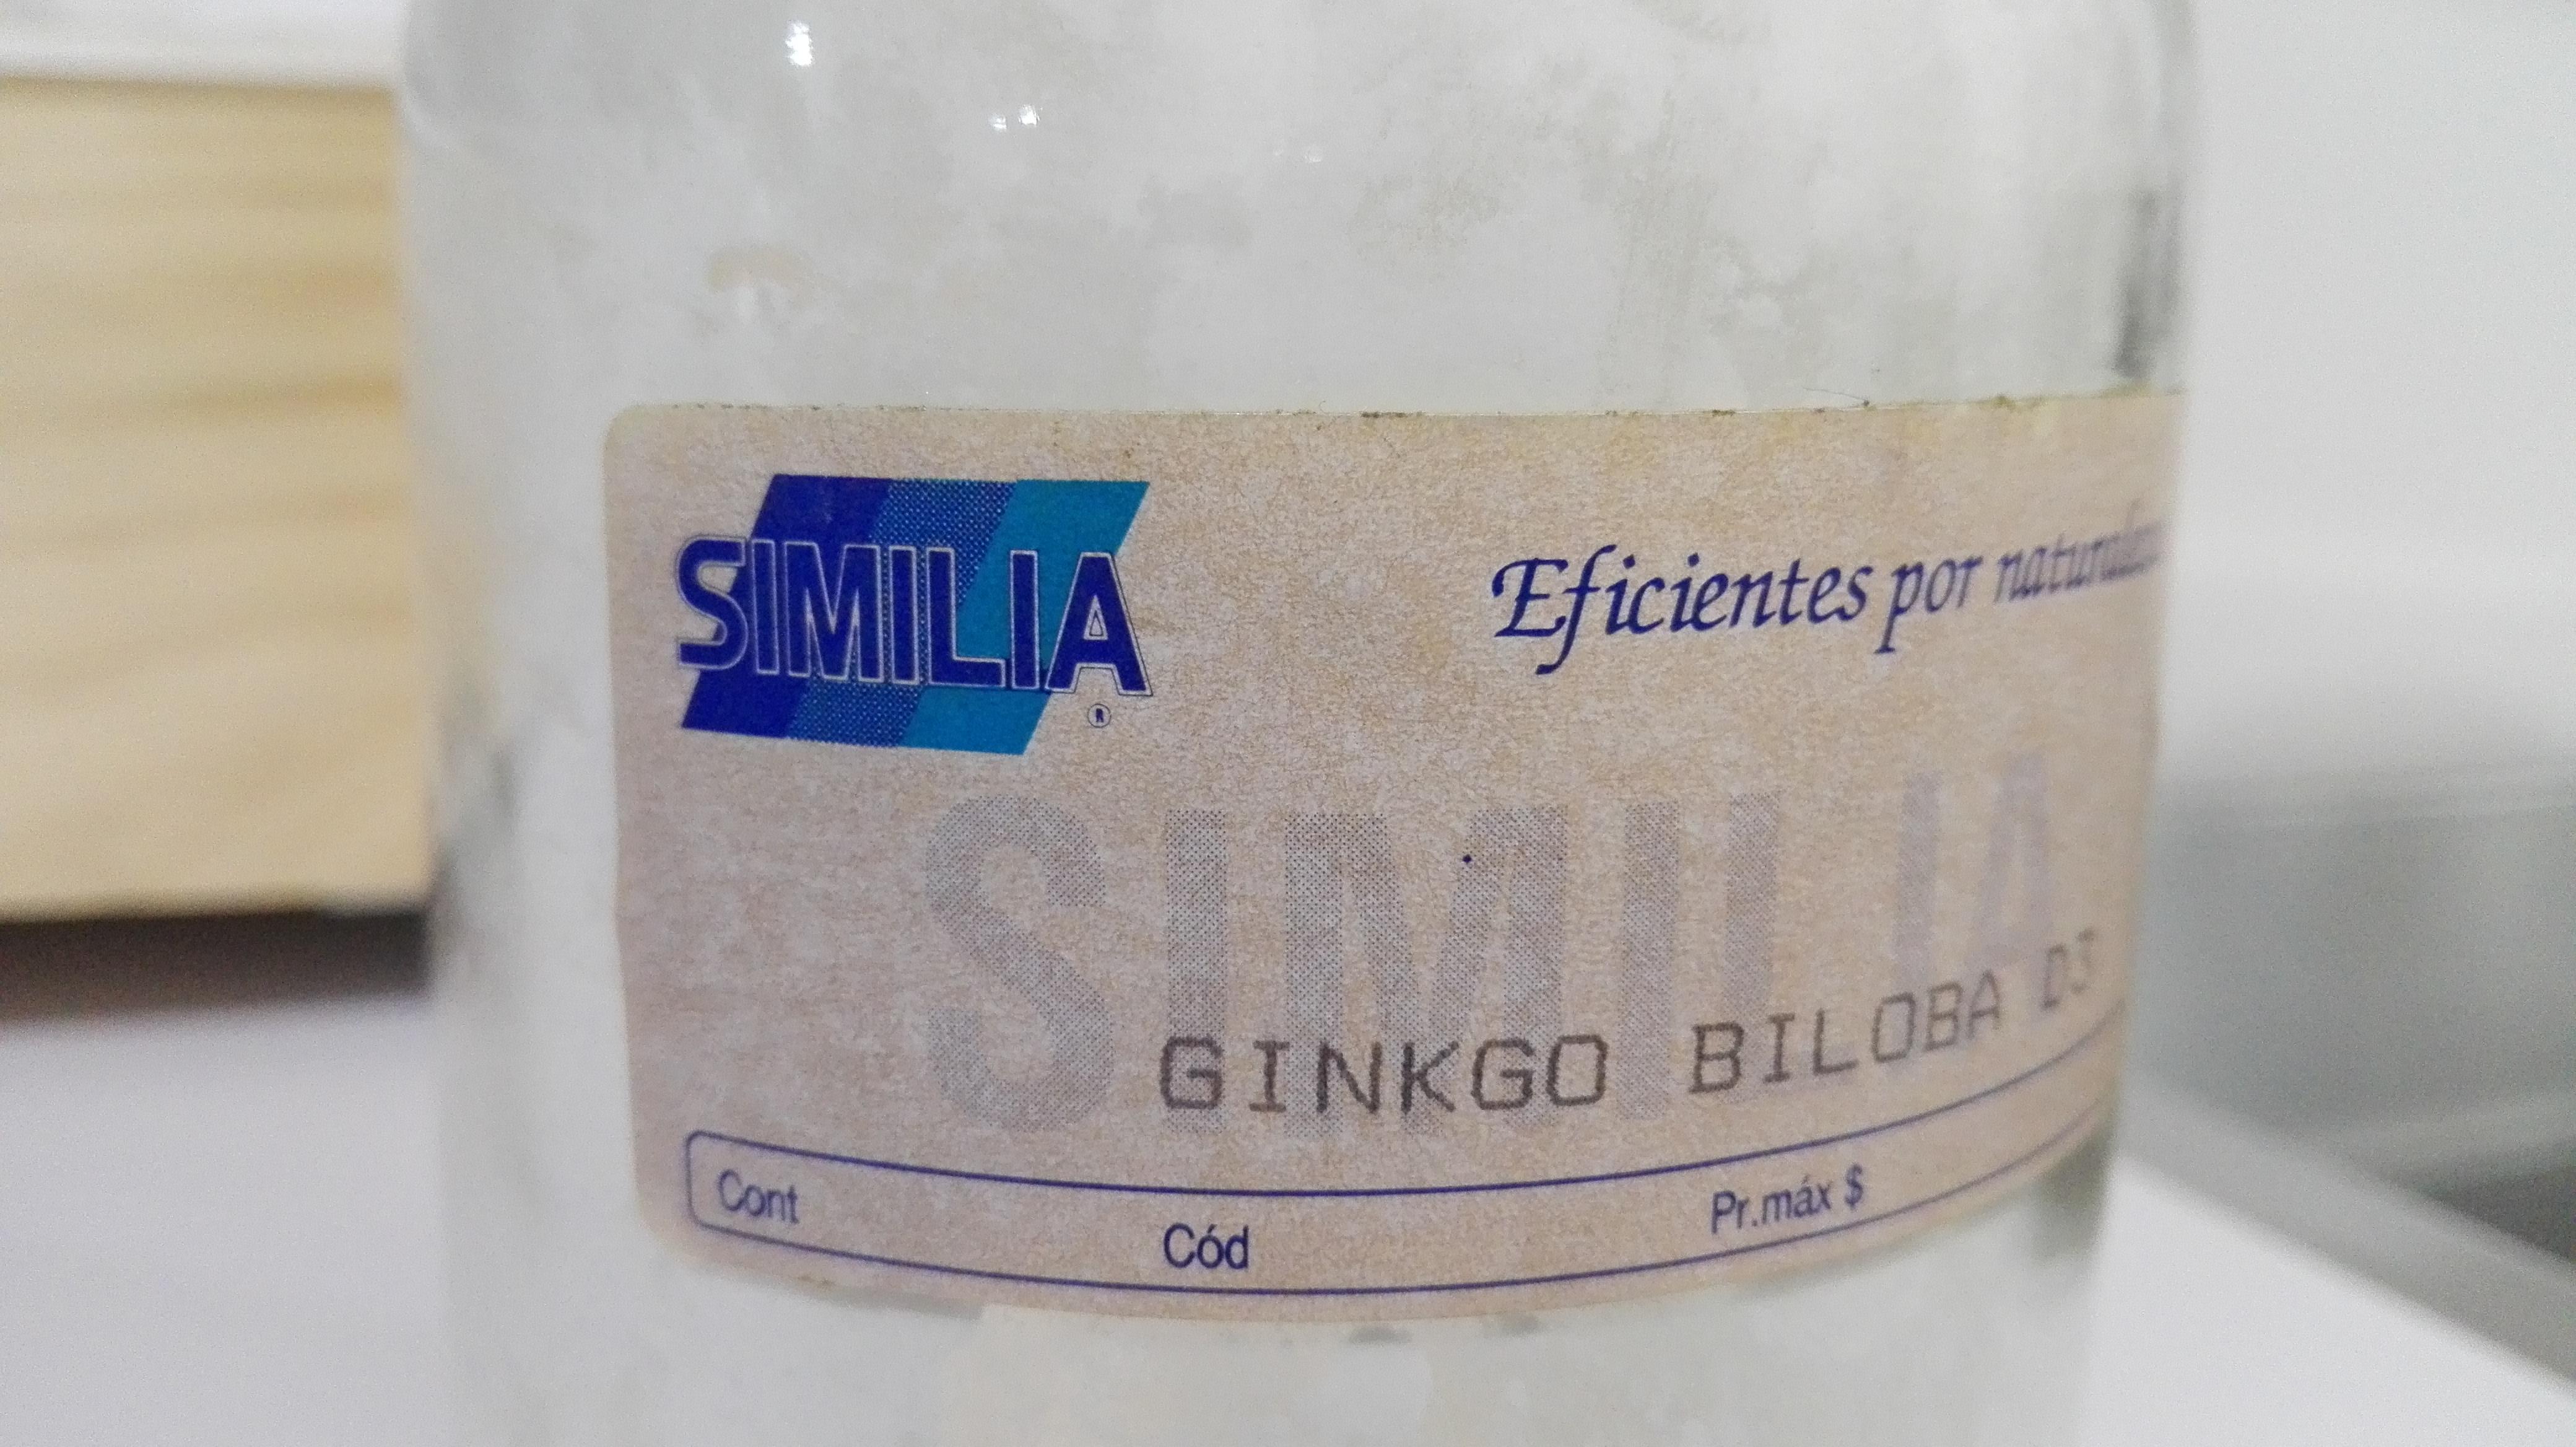 Laboratorios Similia Calle 63 - 1990